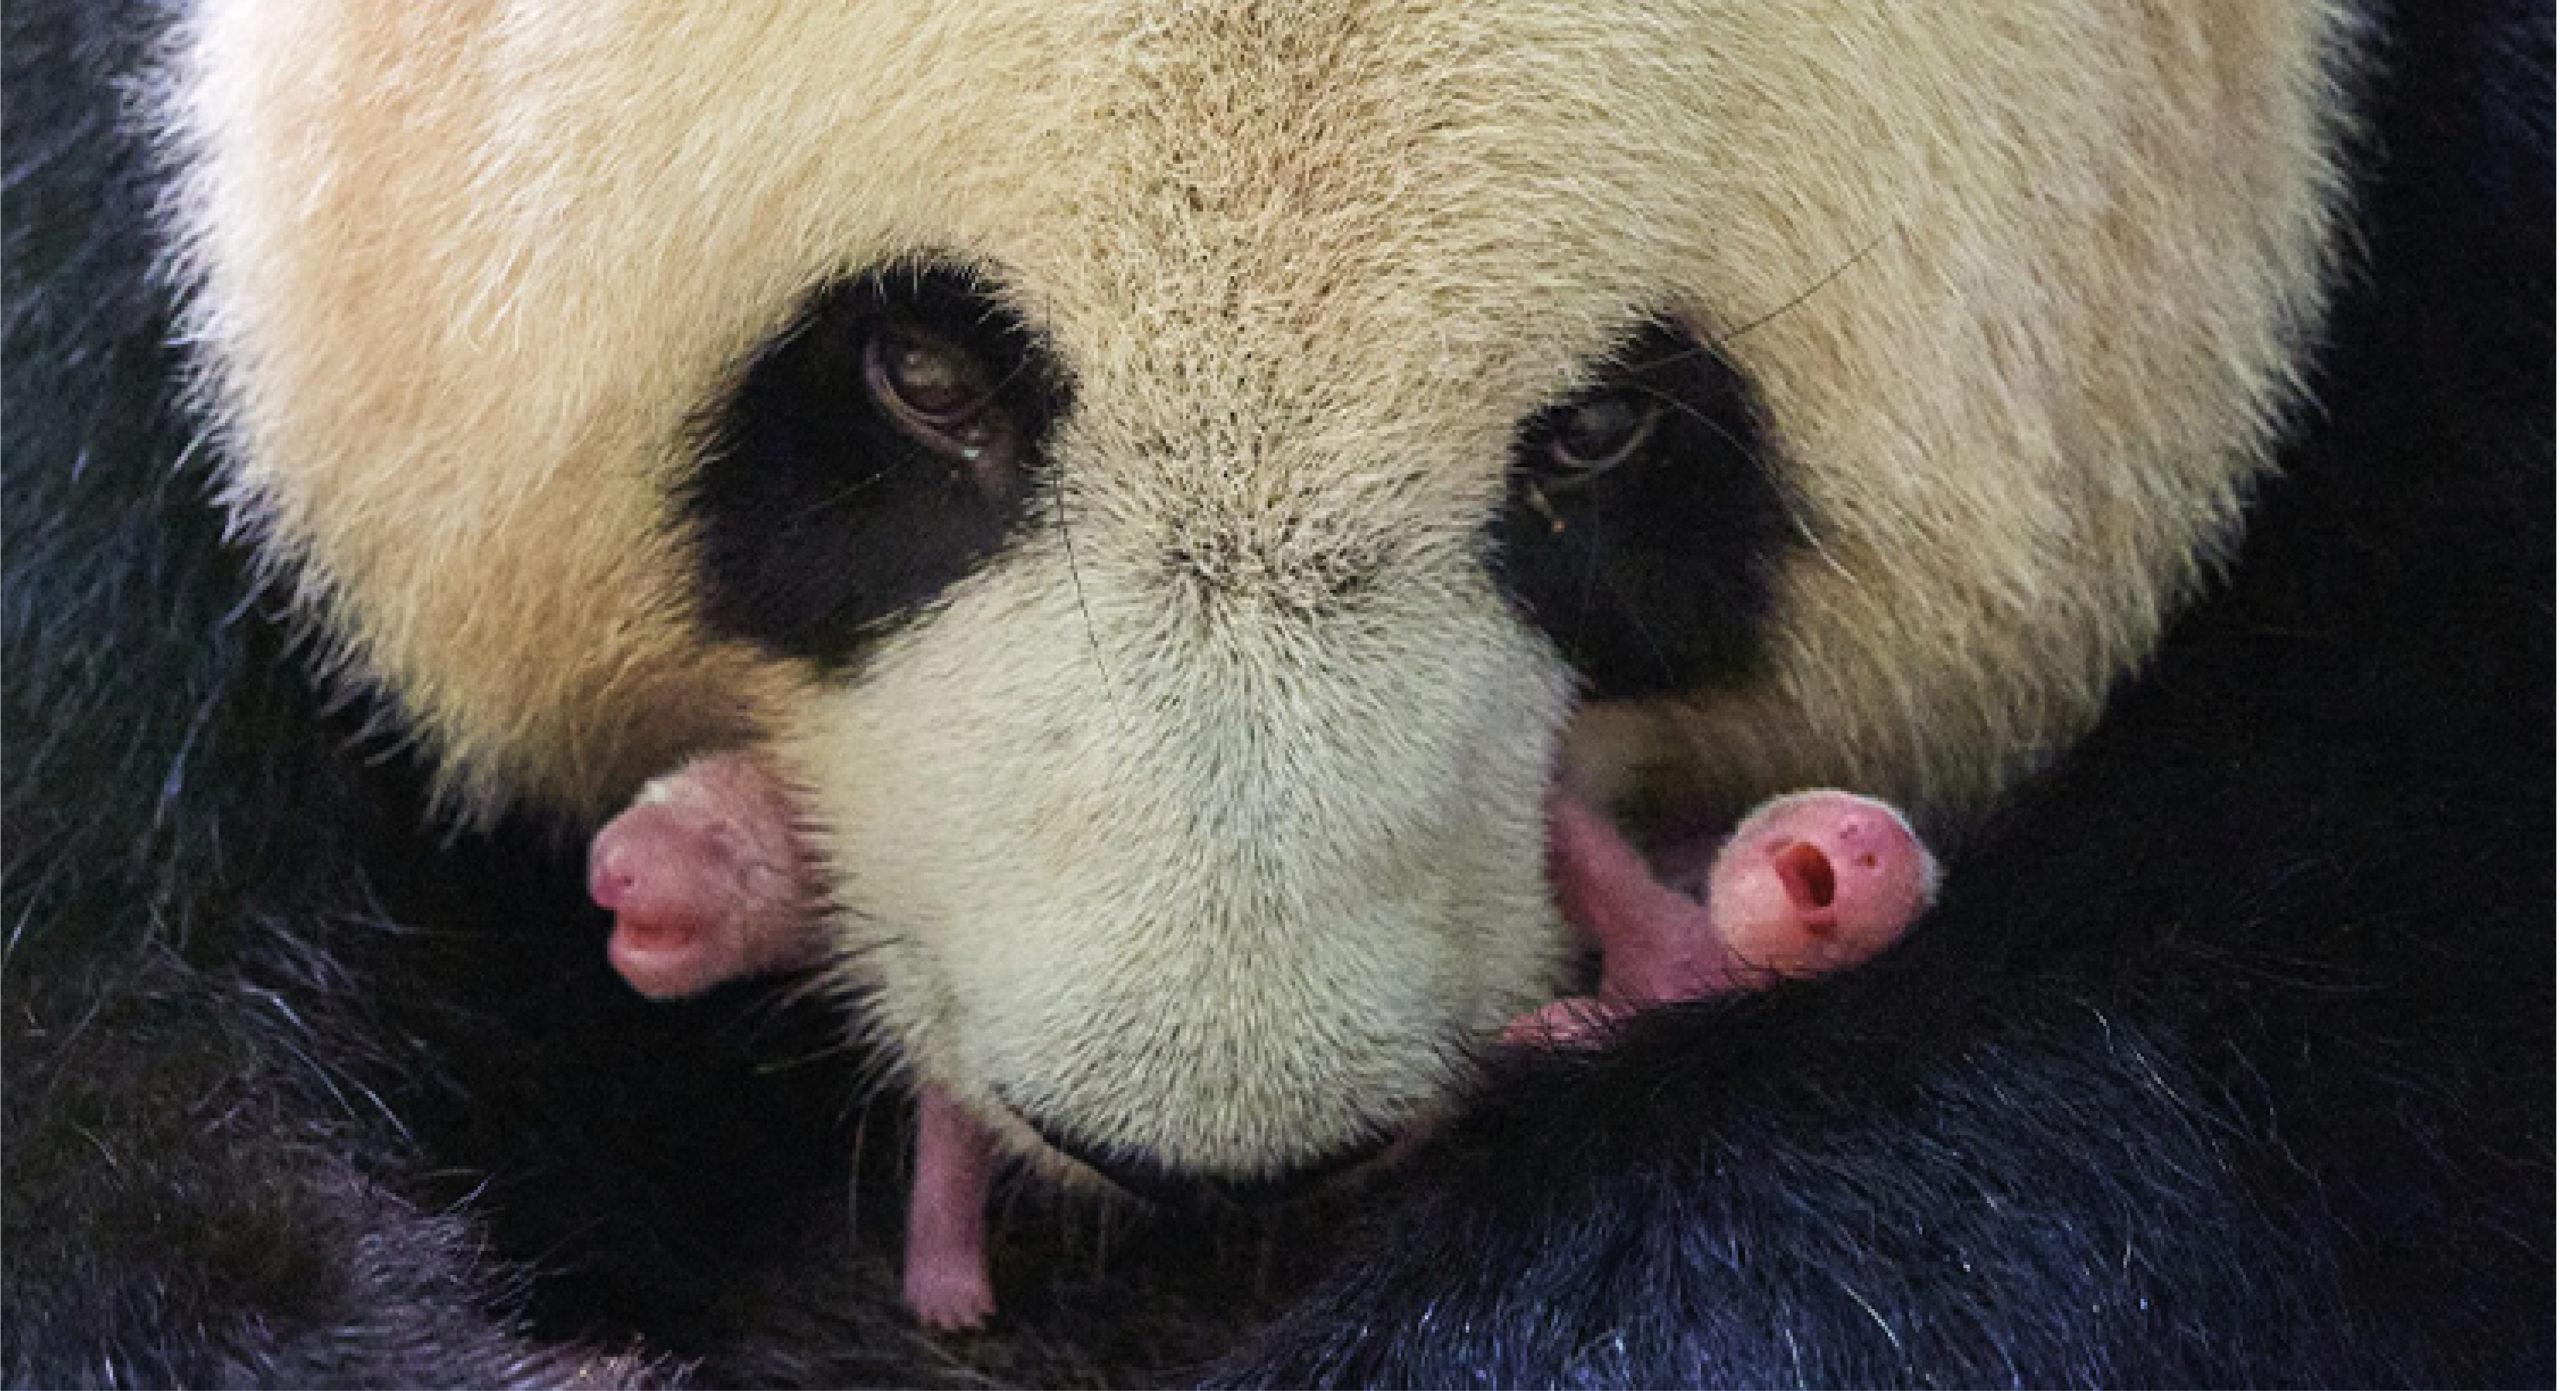 Nacen dos pandas gigantes en zoológico de Francia